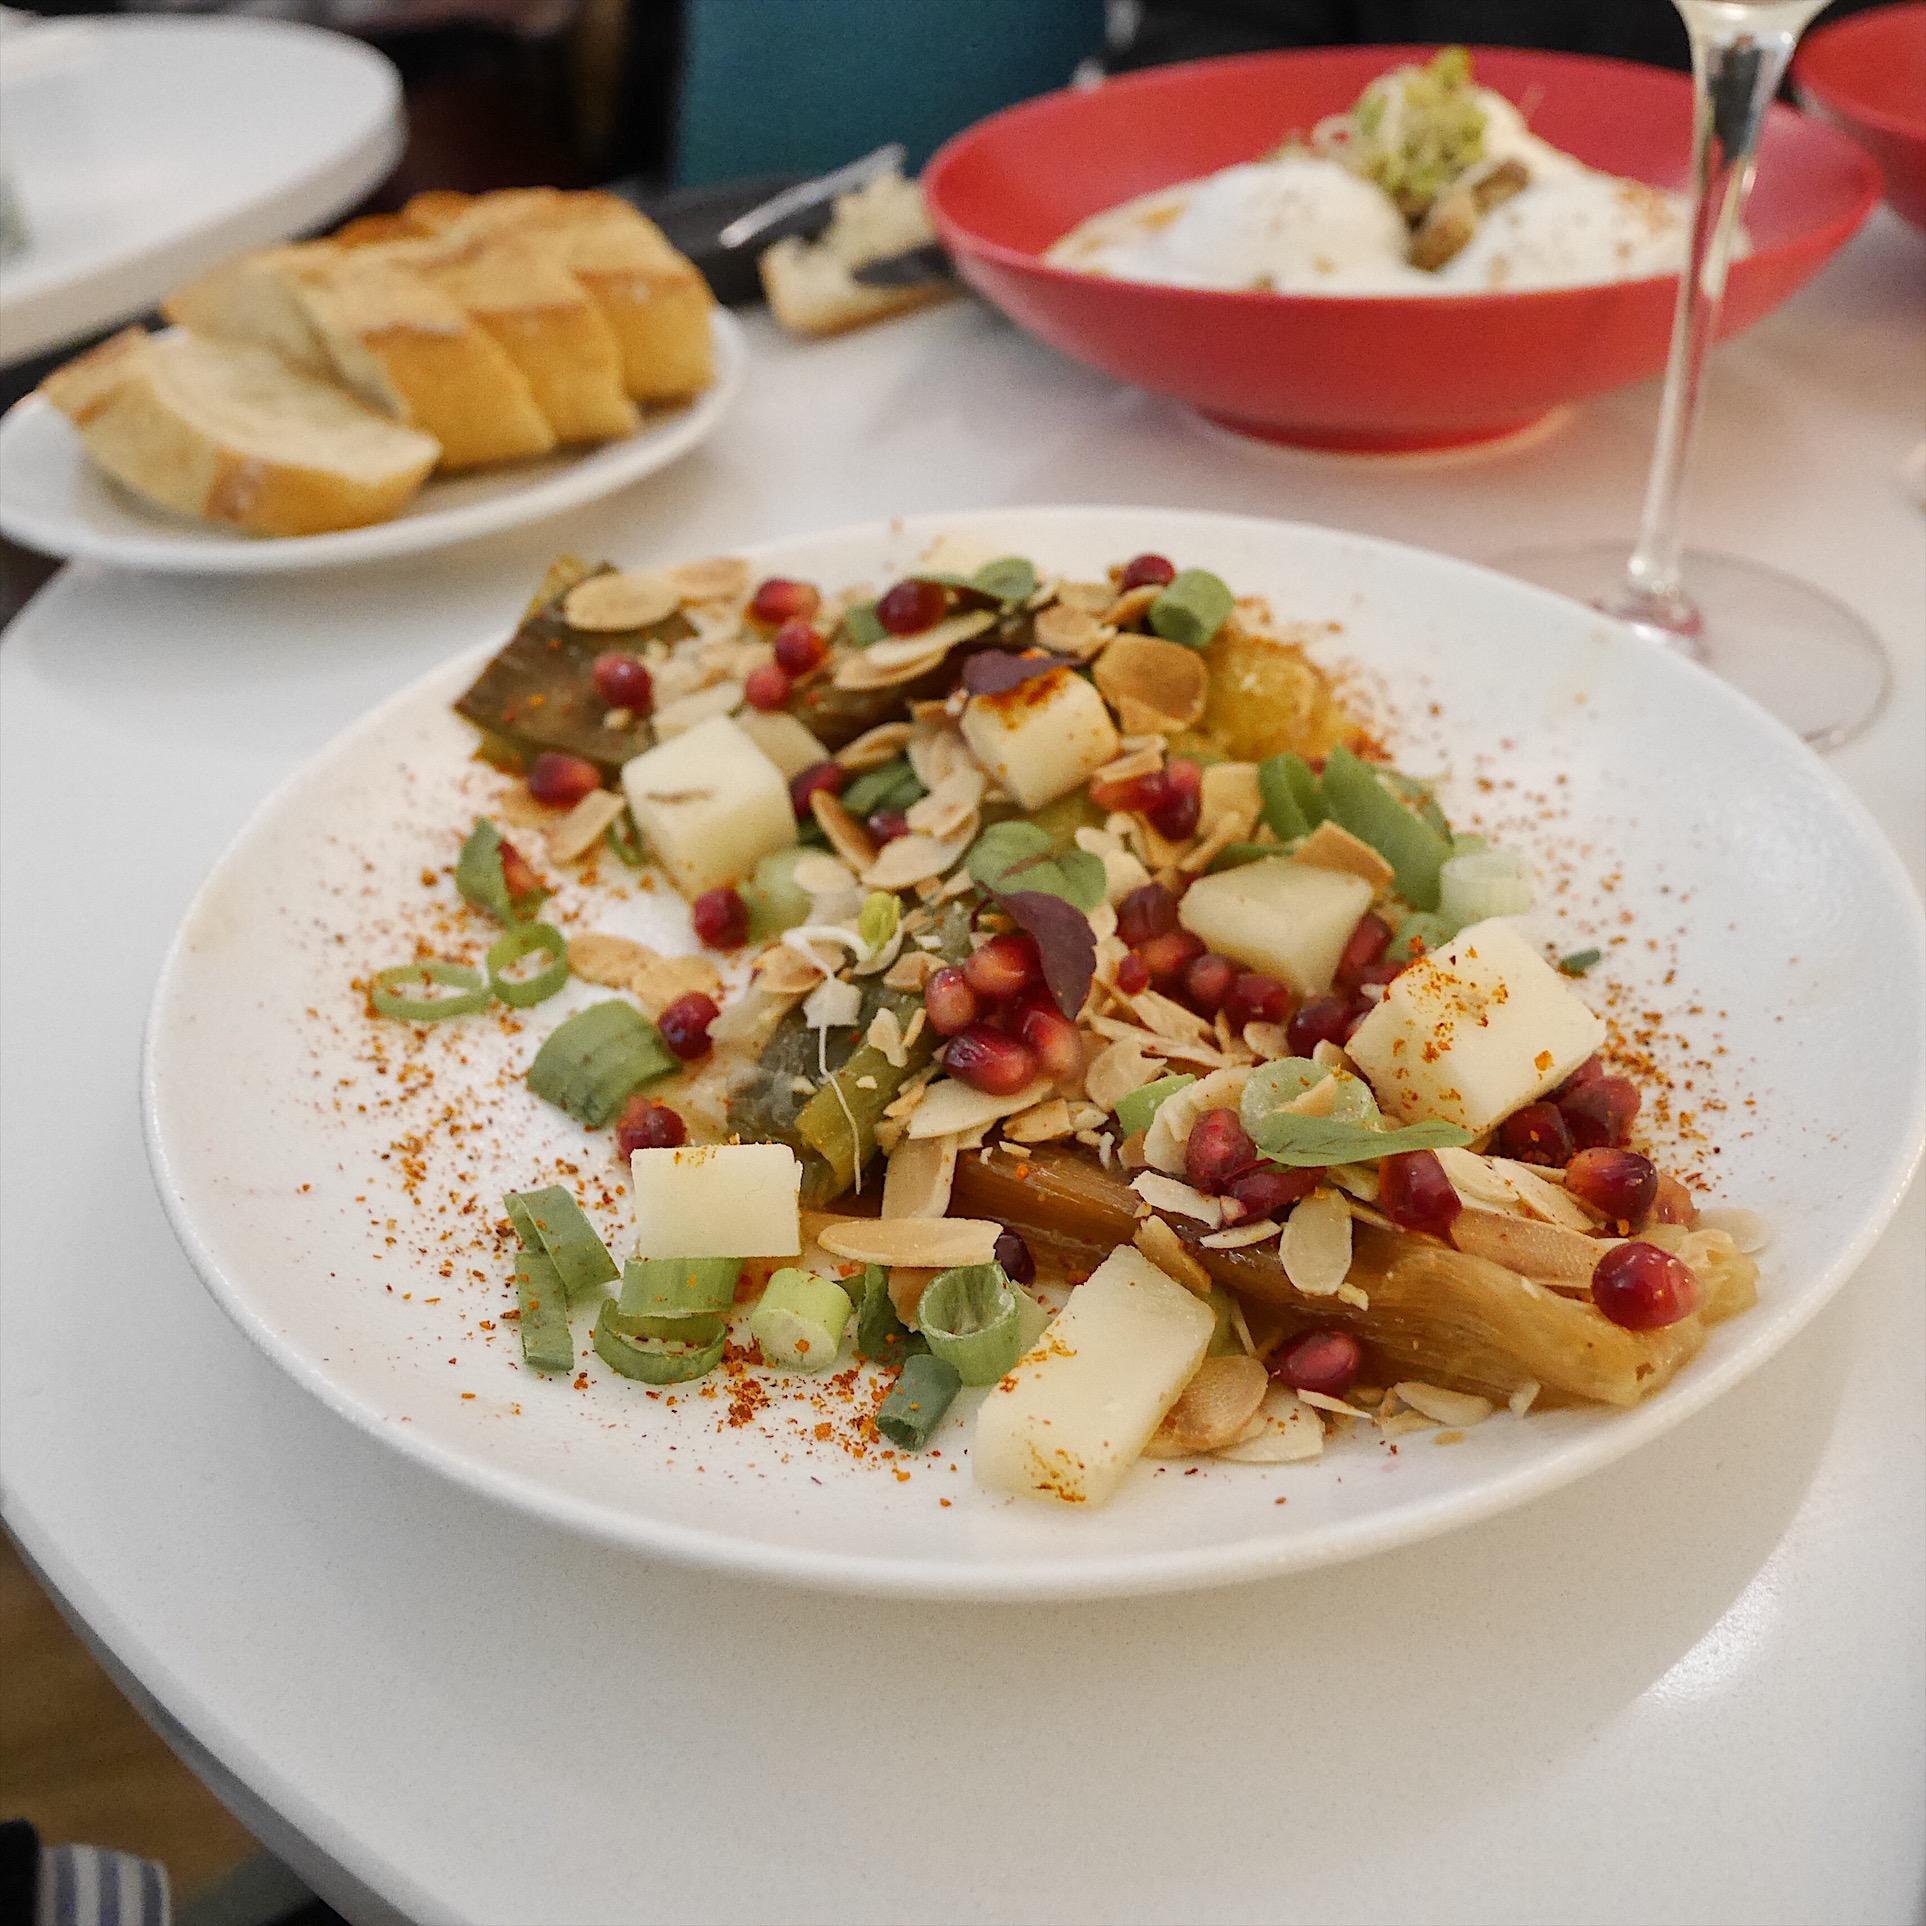 batignolles lesbatignolles paris17 restaurant lesfrançaises tapas food yummy cocktail